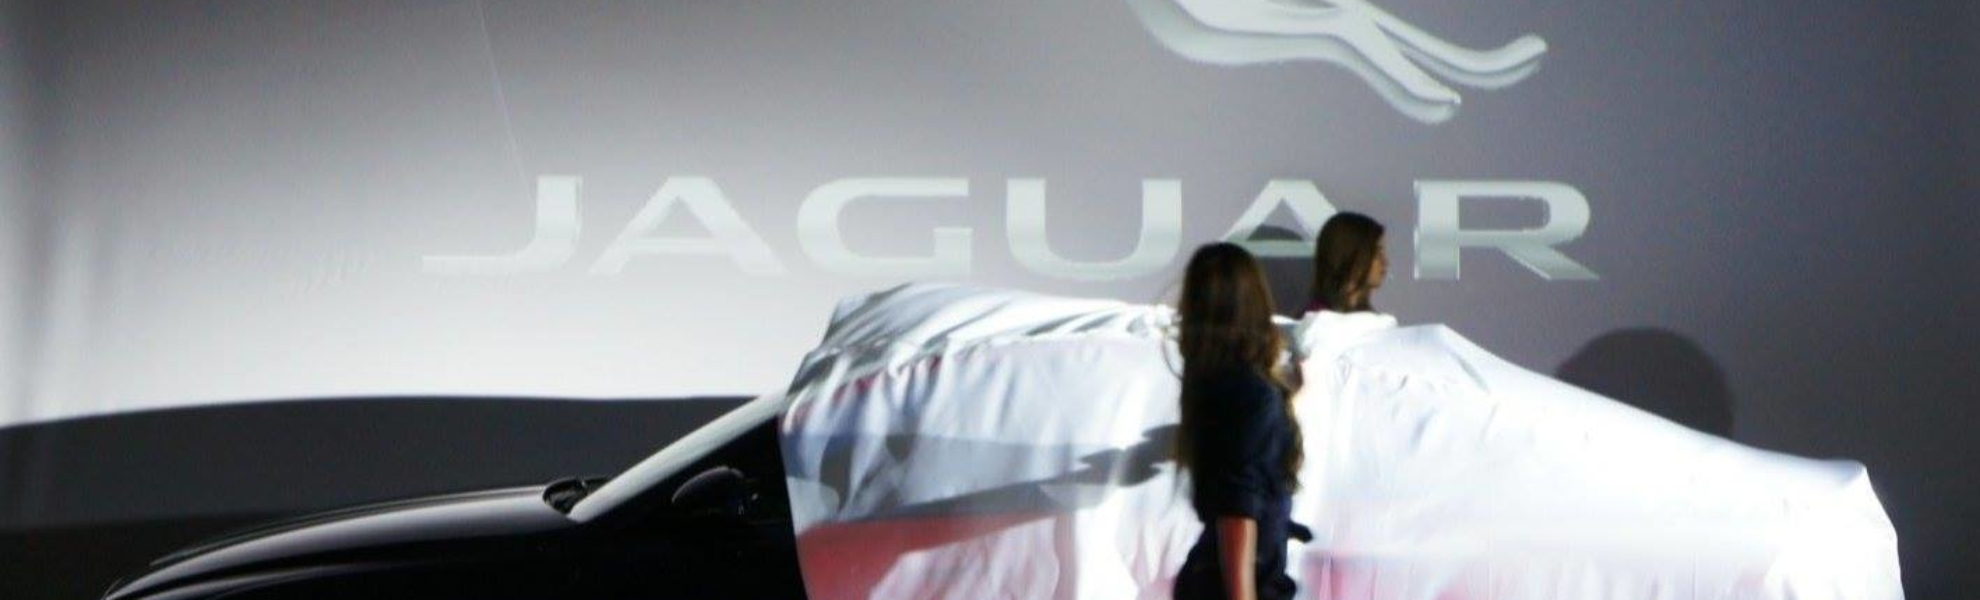 Concessionaria Radicci Ancona_Evento Jaguar_Land Rover2